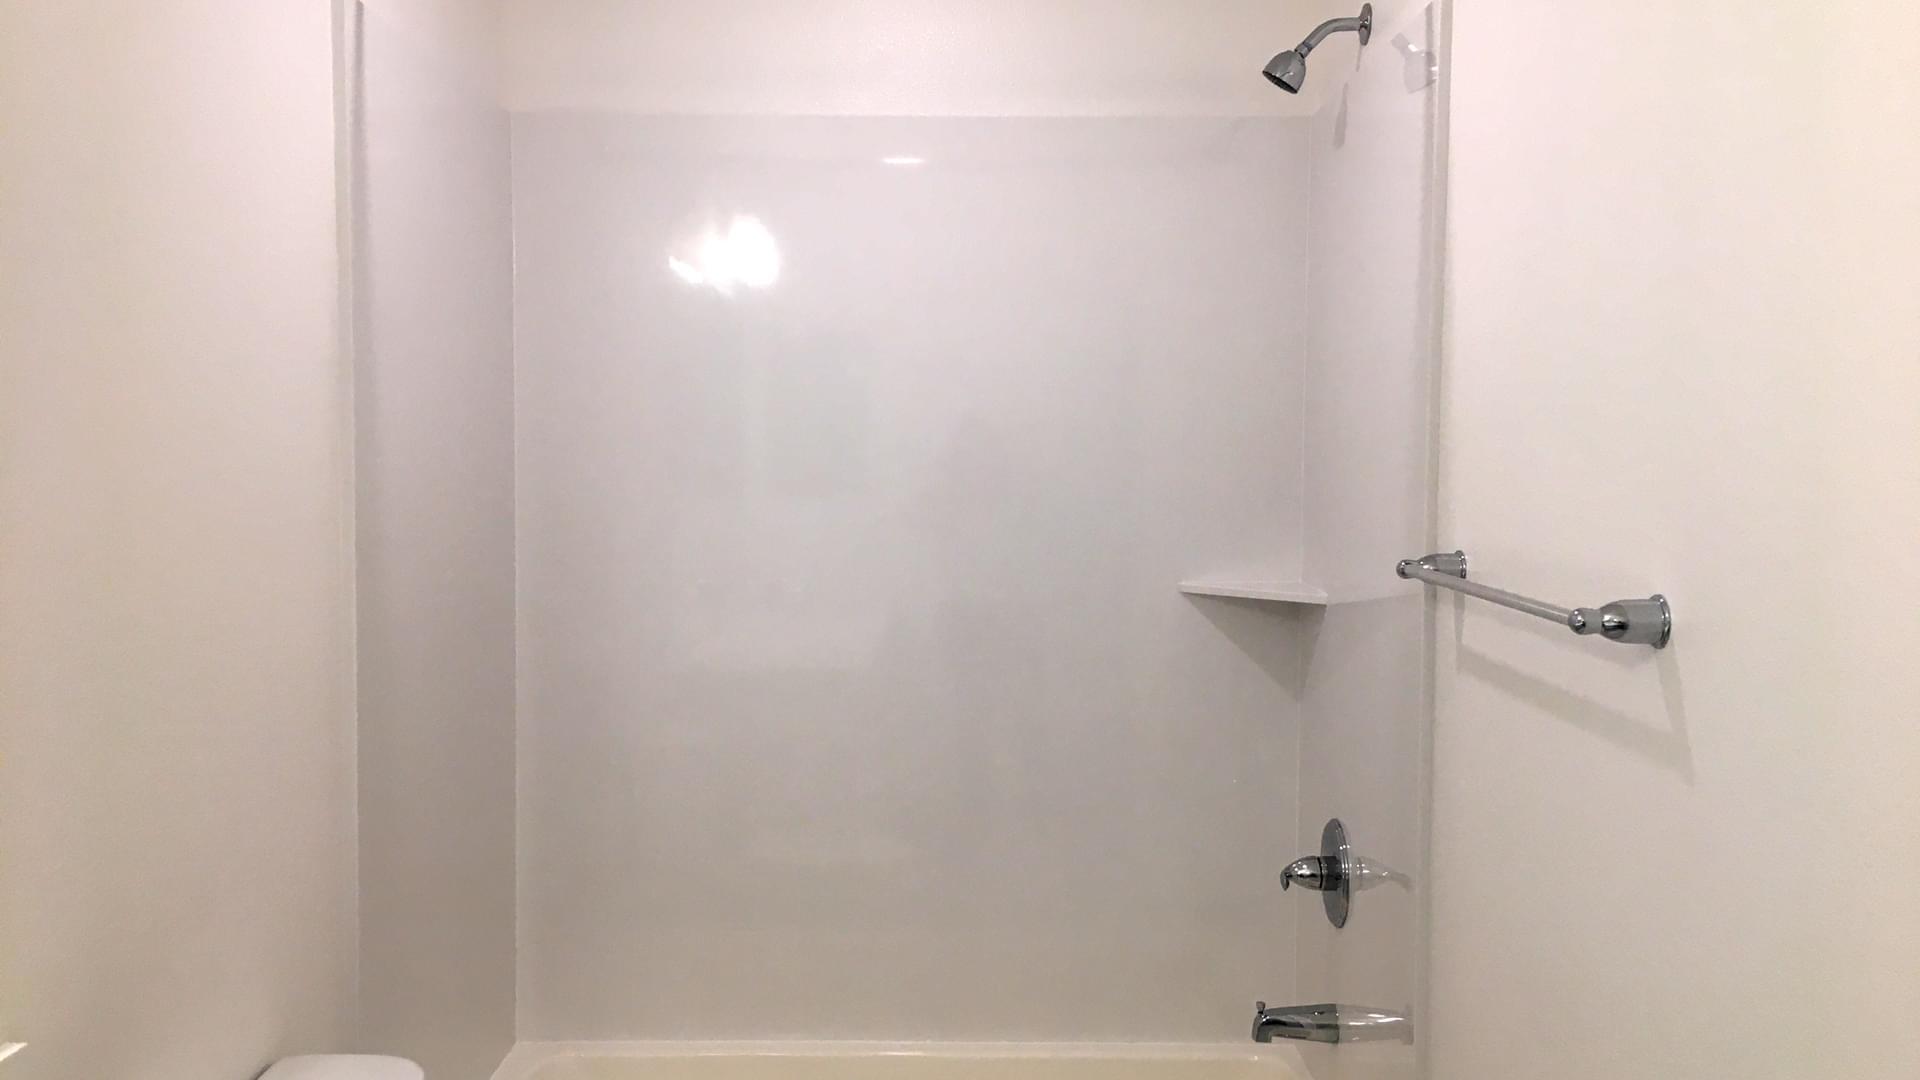 Unit 3302 Bathroom